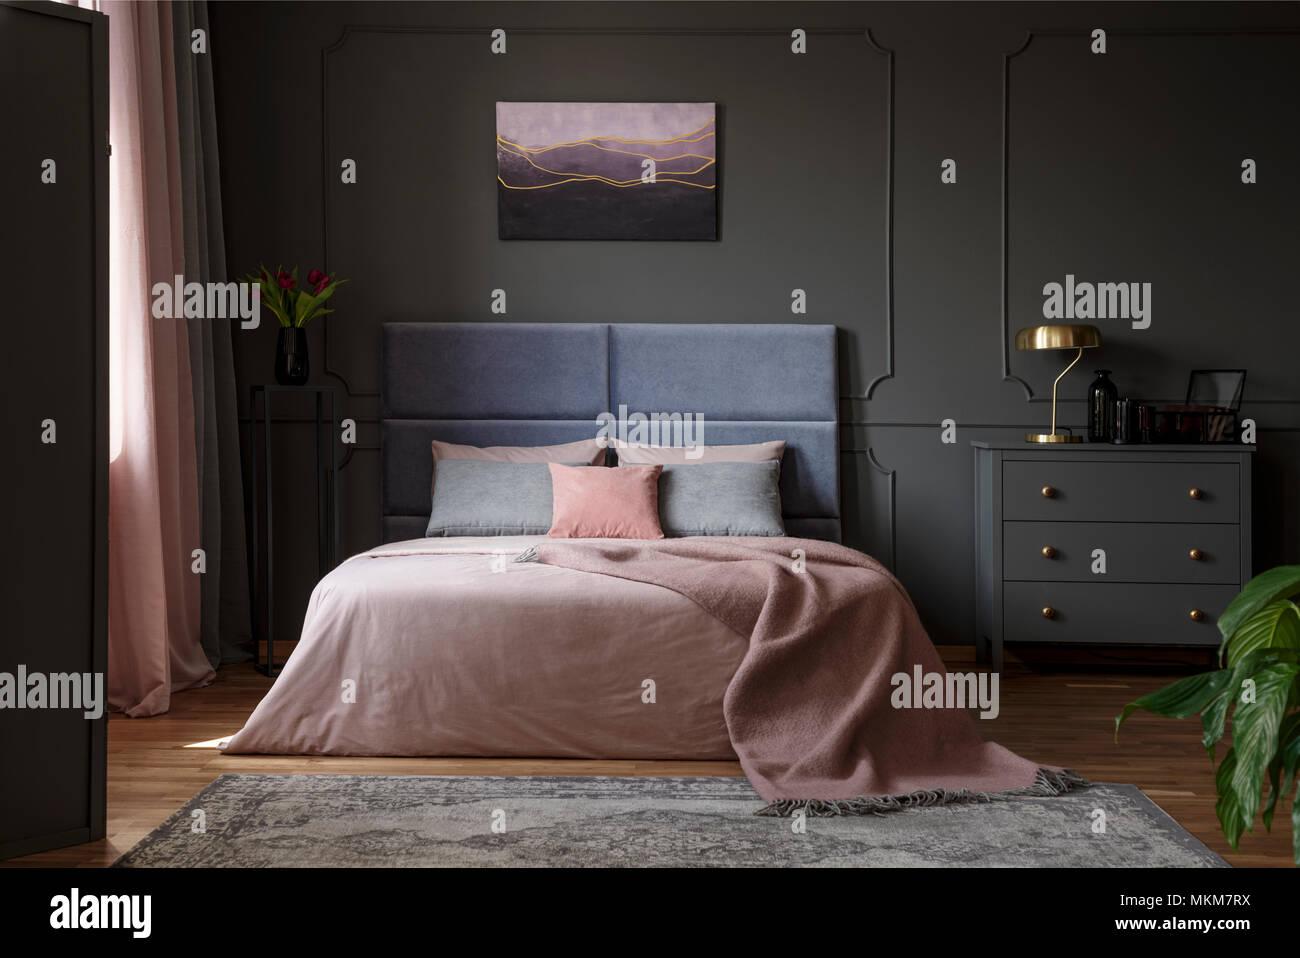 Fesselnd Pastellfarben Decke Auf Dem Bett In Rosa Und Blau Schlafzimmer Innenraum  Mit Gold Lampe Auf Grau Schaltschrank